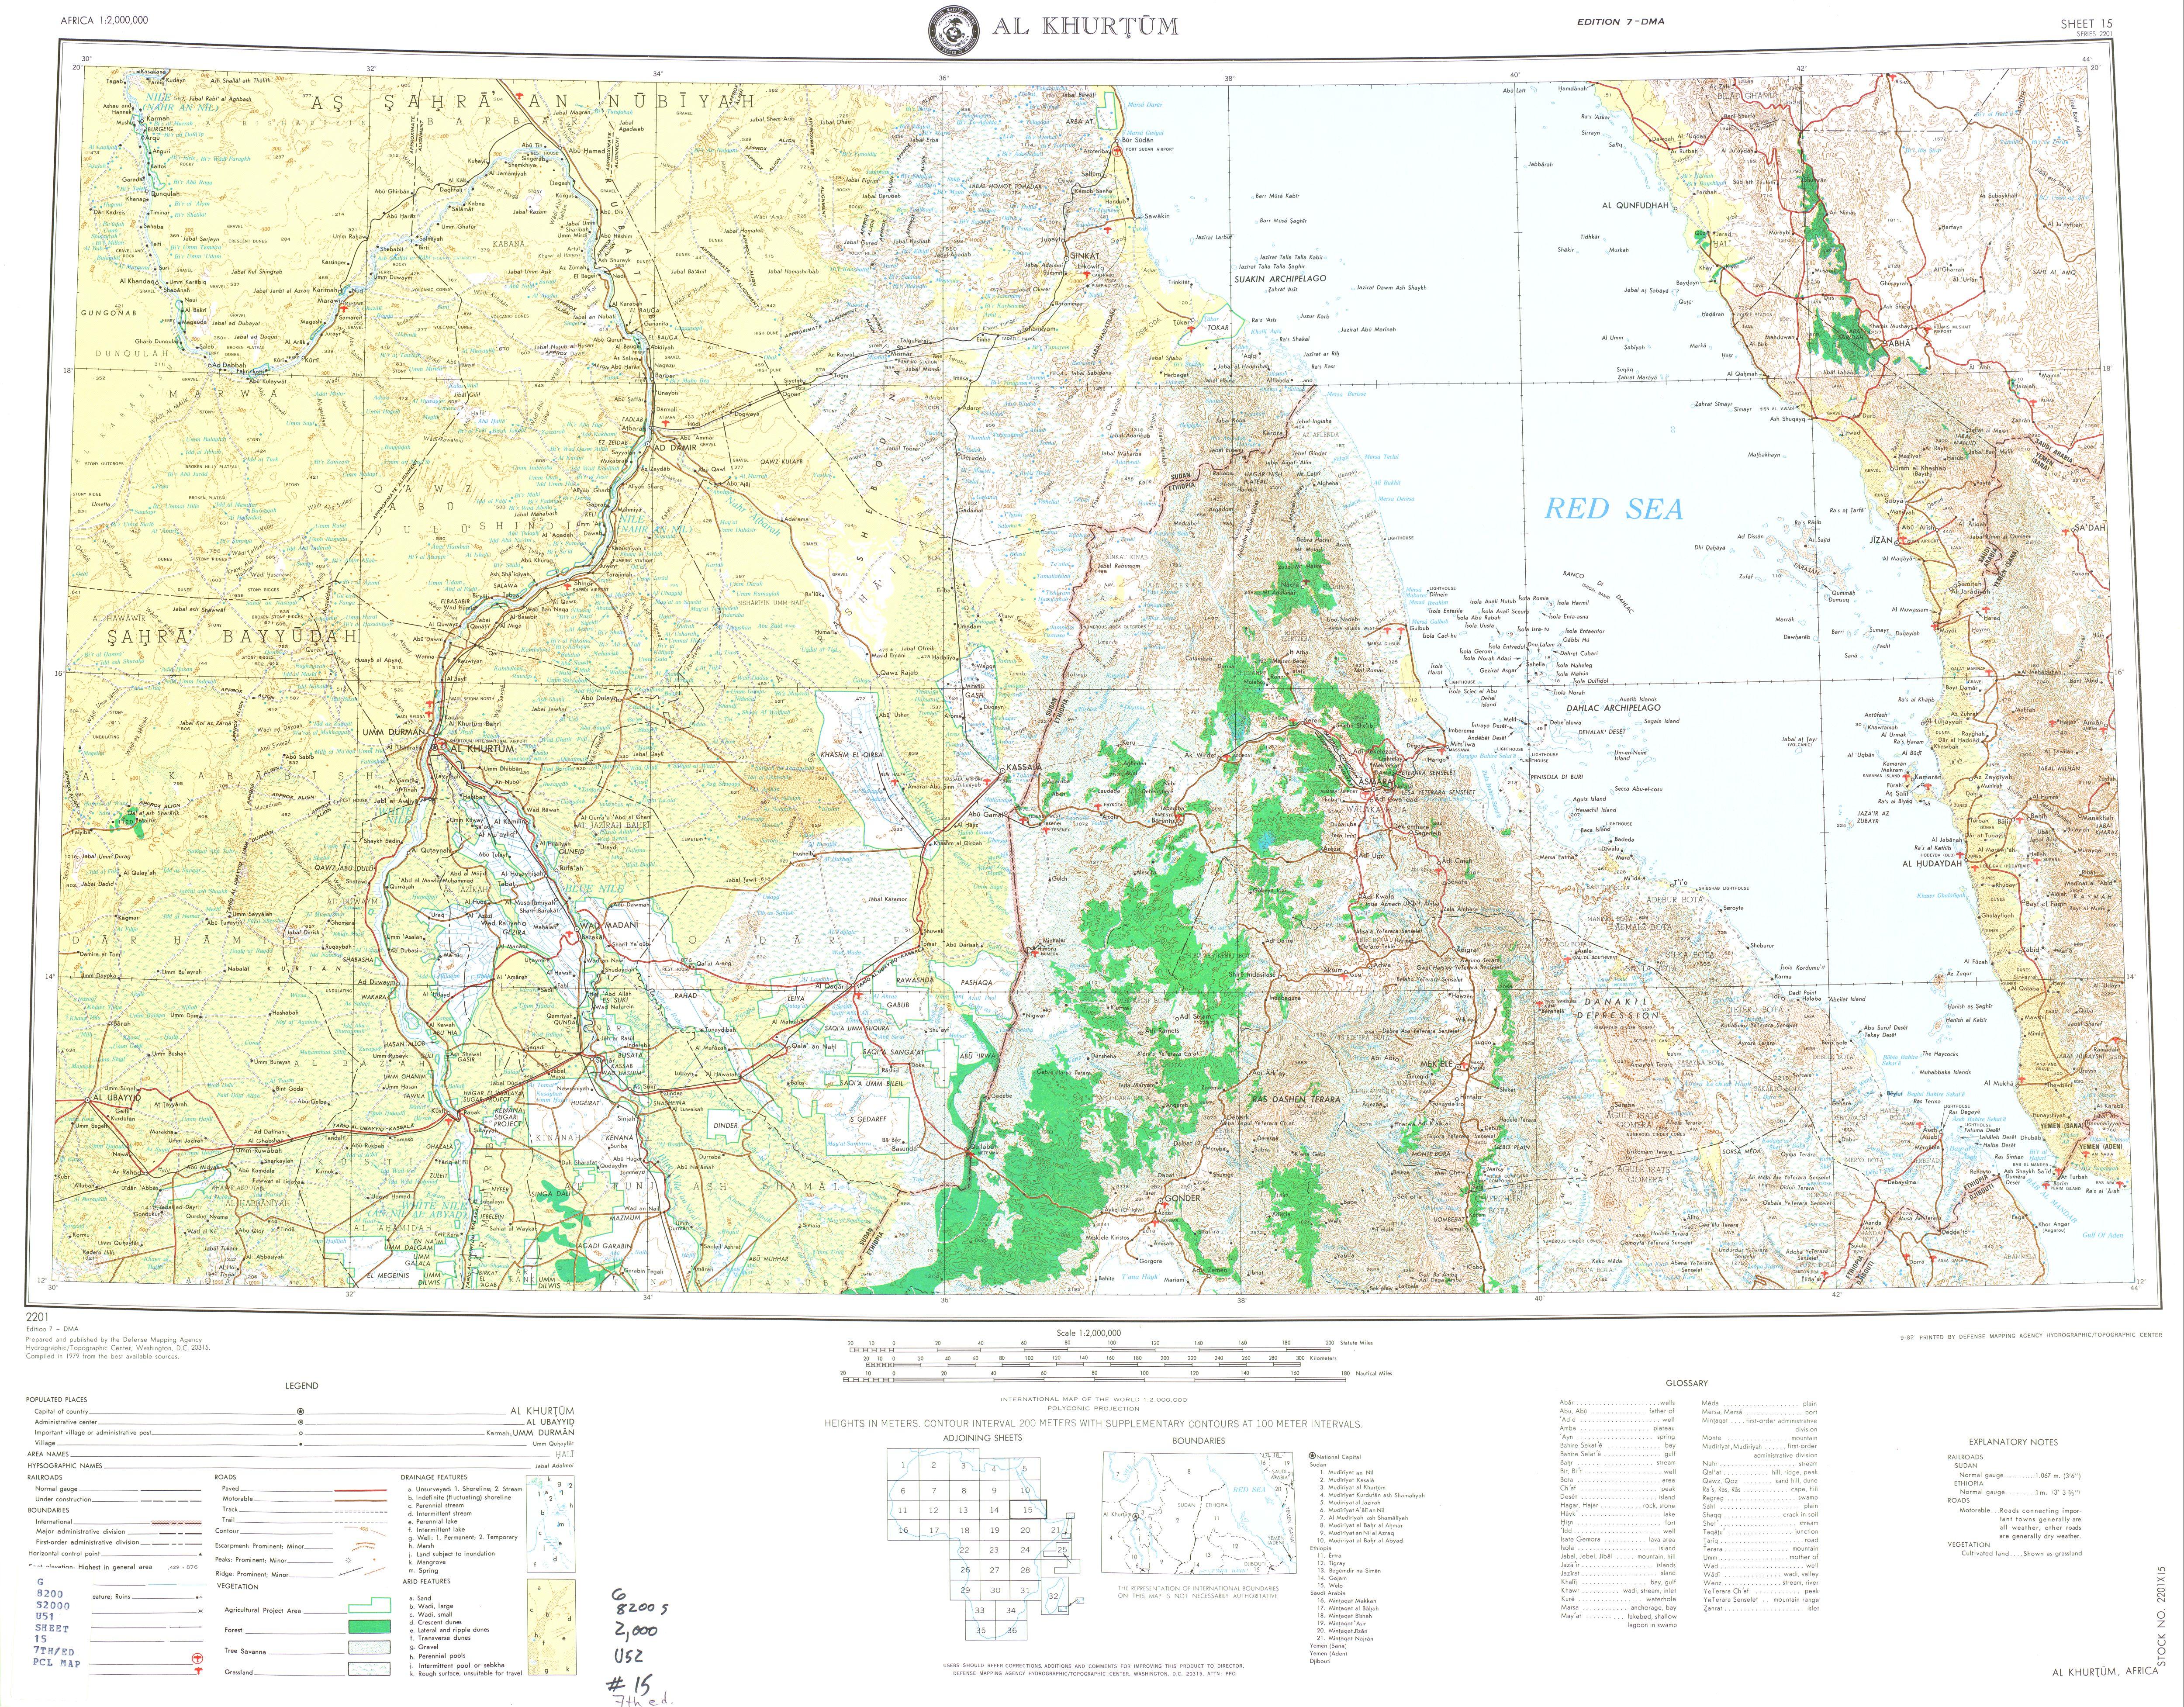 Hoja Jartum (Al Khurtum) del Mapa Topográfico de África 1979